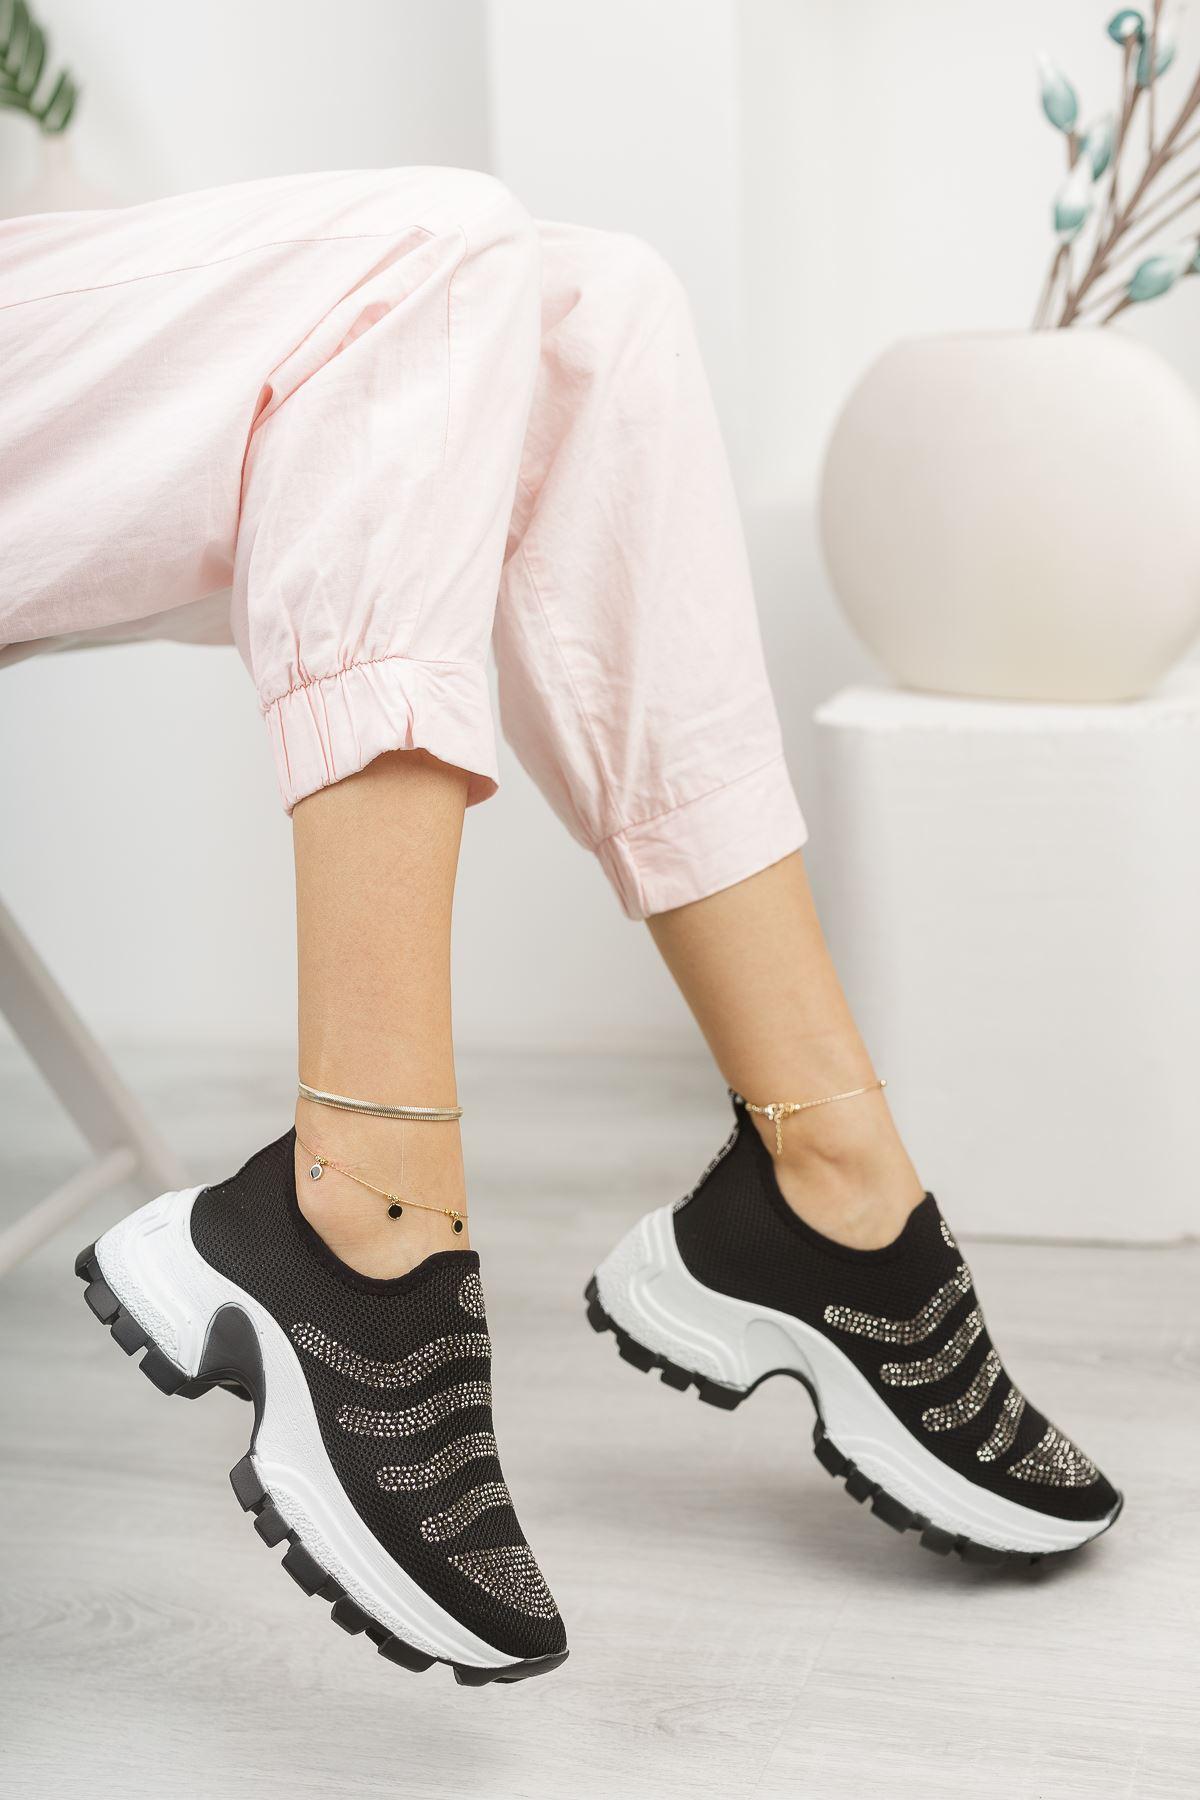 Siyah Taşlı Bağcıksız Kalın Taban Spor Ayakkabı